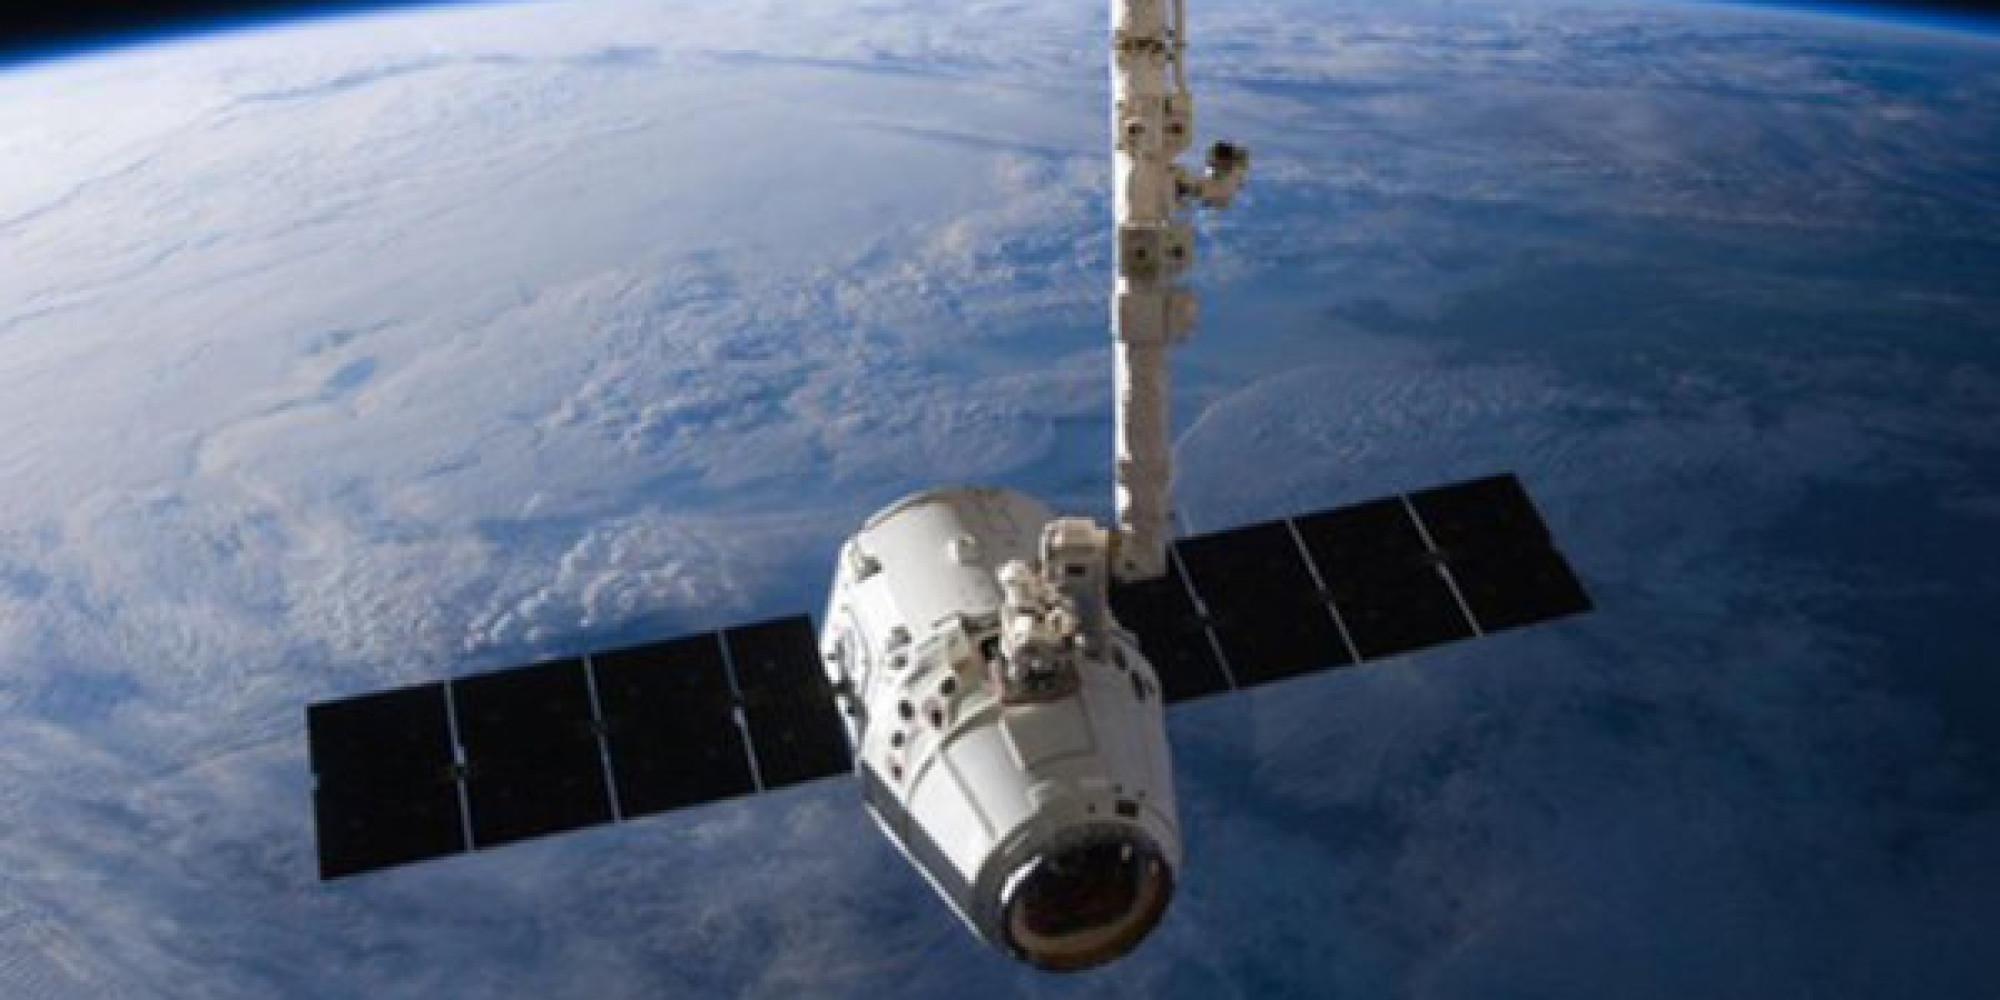 Las espectaculares imágenes espaciales del astronauta Jeff Williams: www.huffingtonpost.es/2016/09/03/imagen-astronauta-espacio_n...